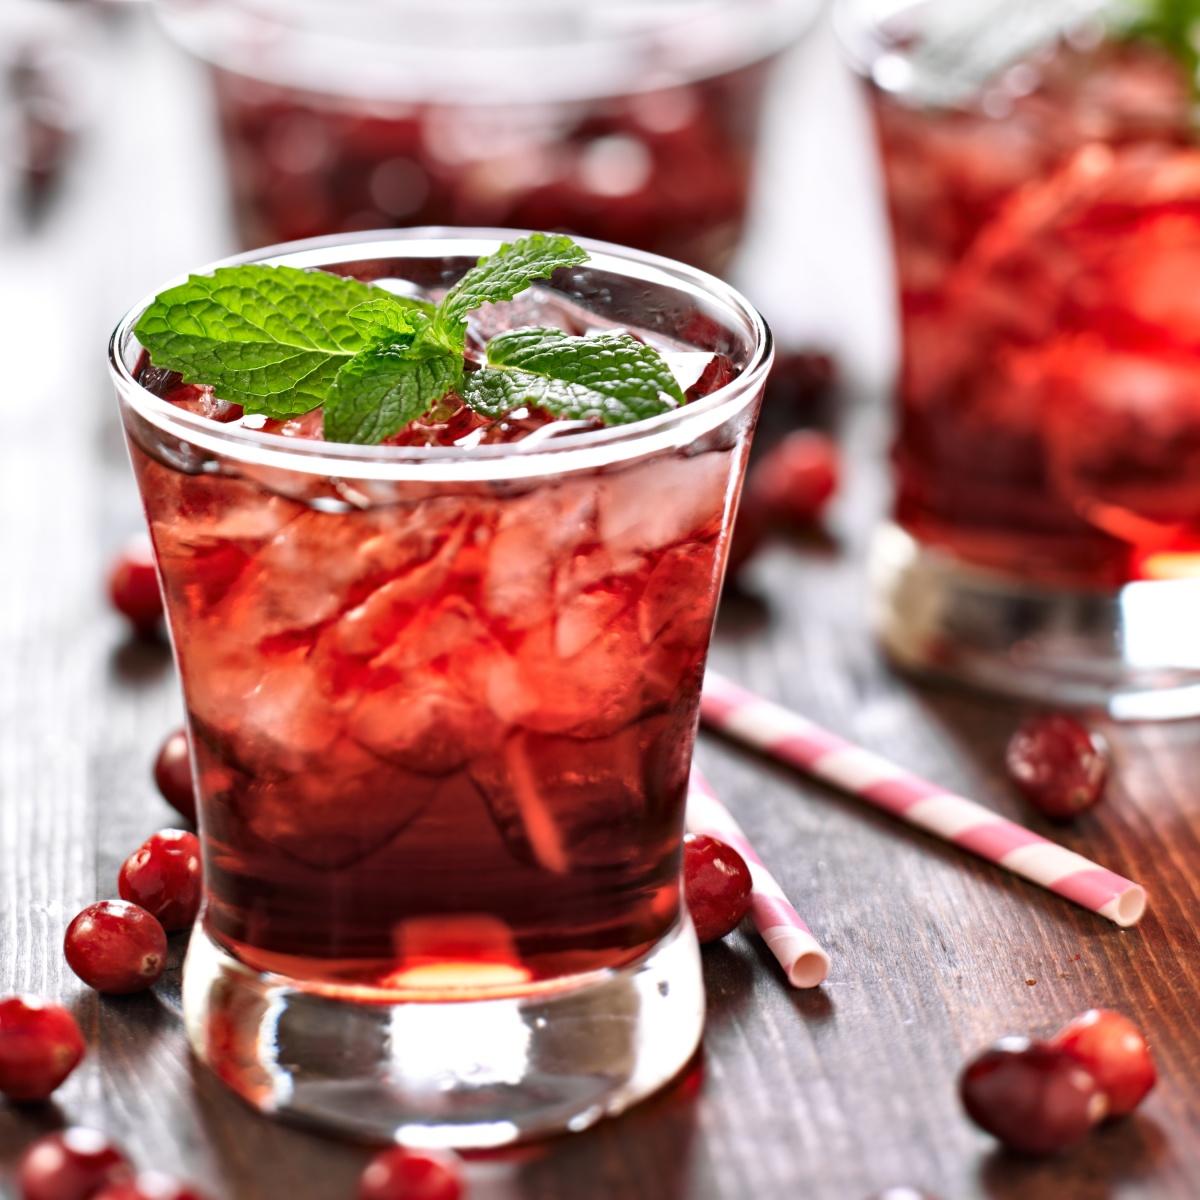 Confira 7 receitas fáceis de drinks refrescantes para o verão